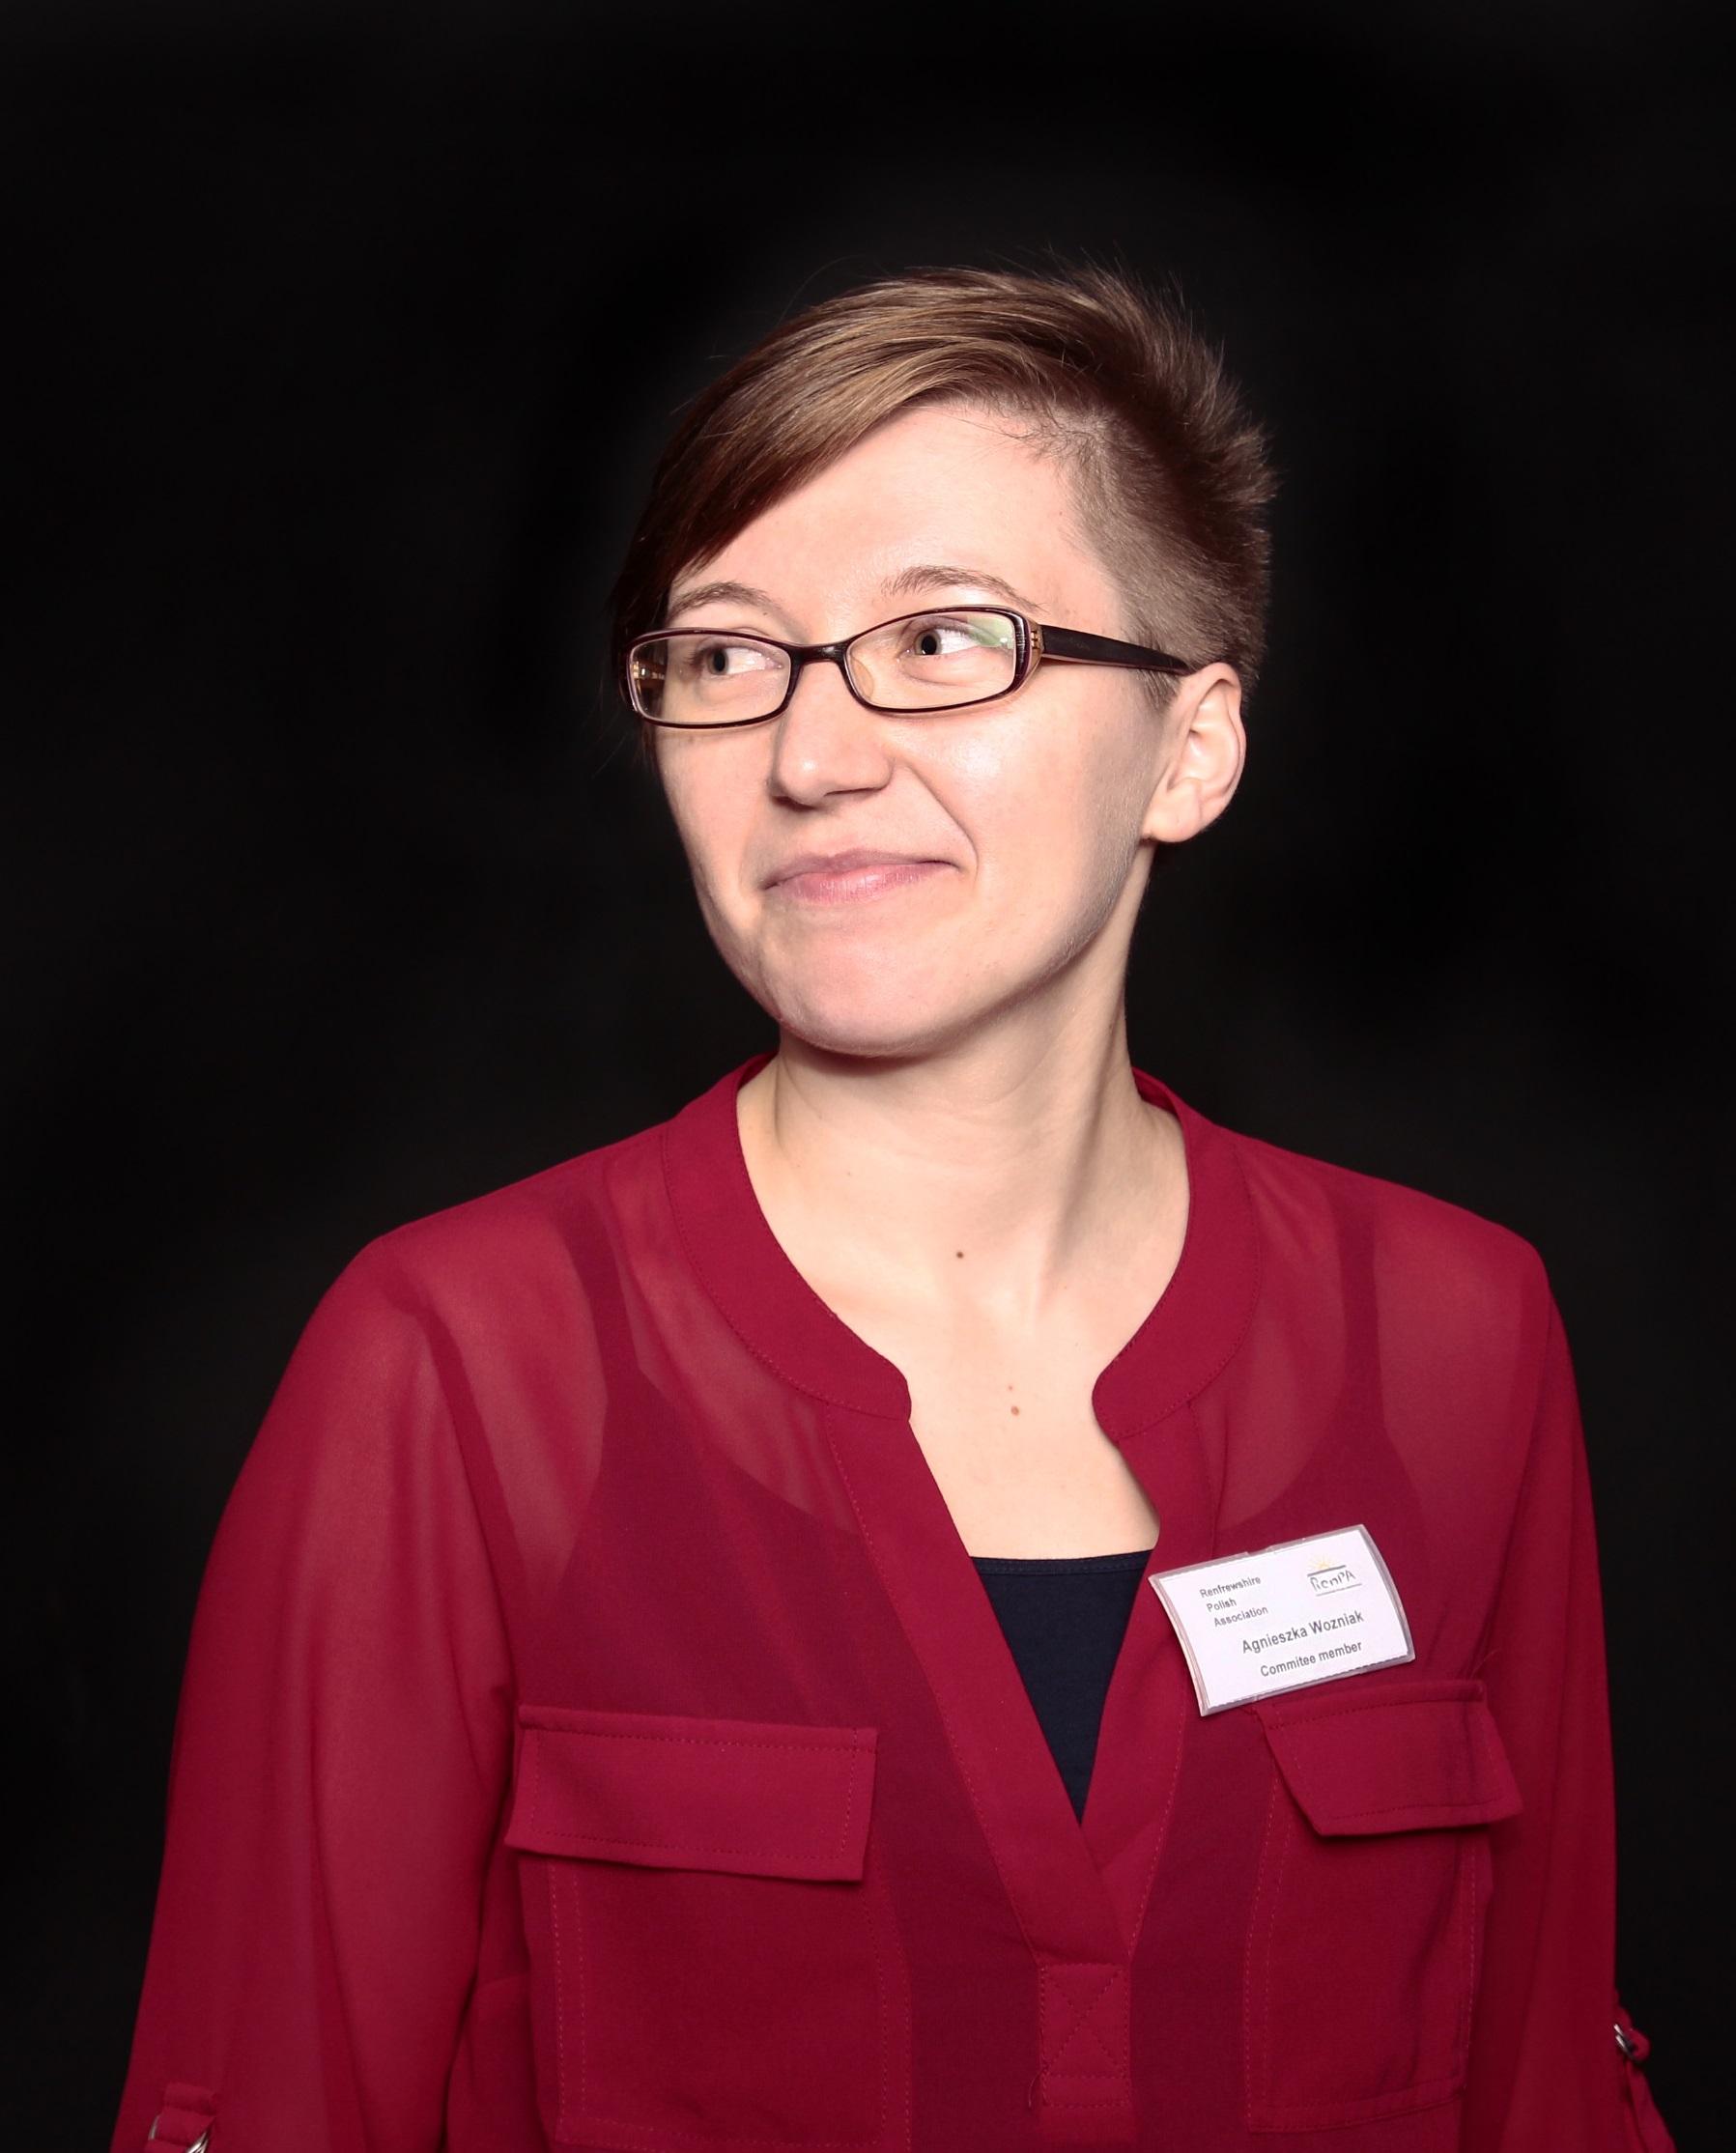 Agnieszka Wozniak